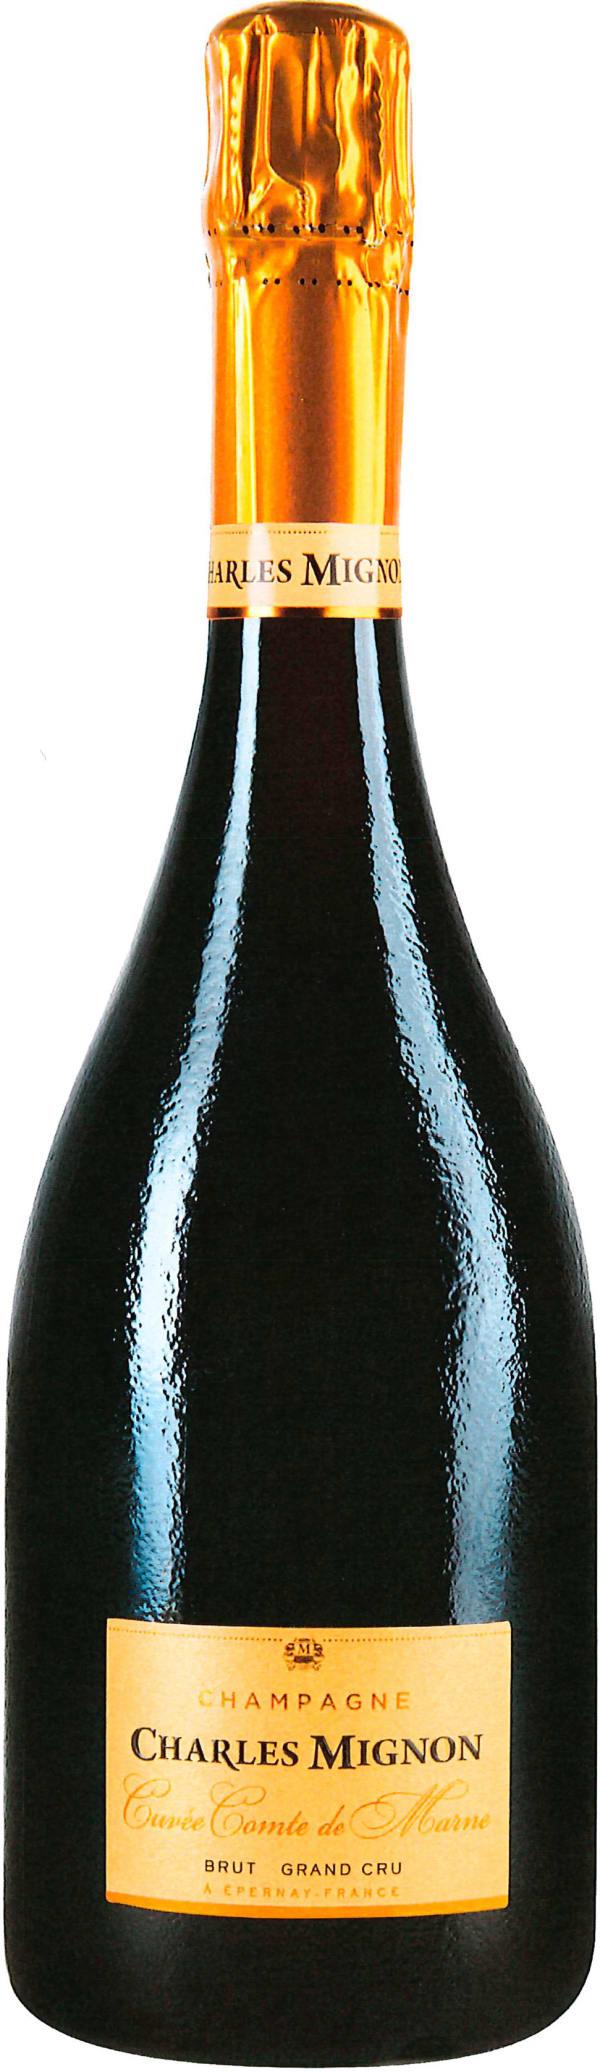 Charles Mignon Comte de Marne Grand Cru Champagne Brut